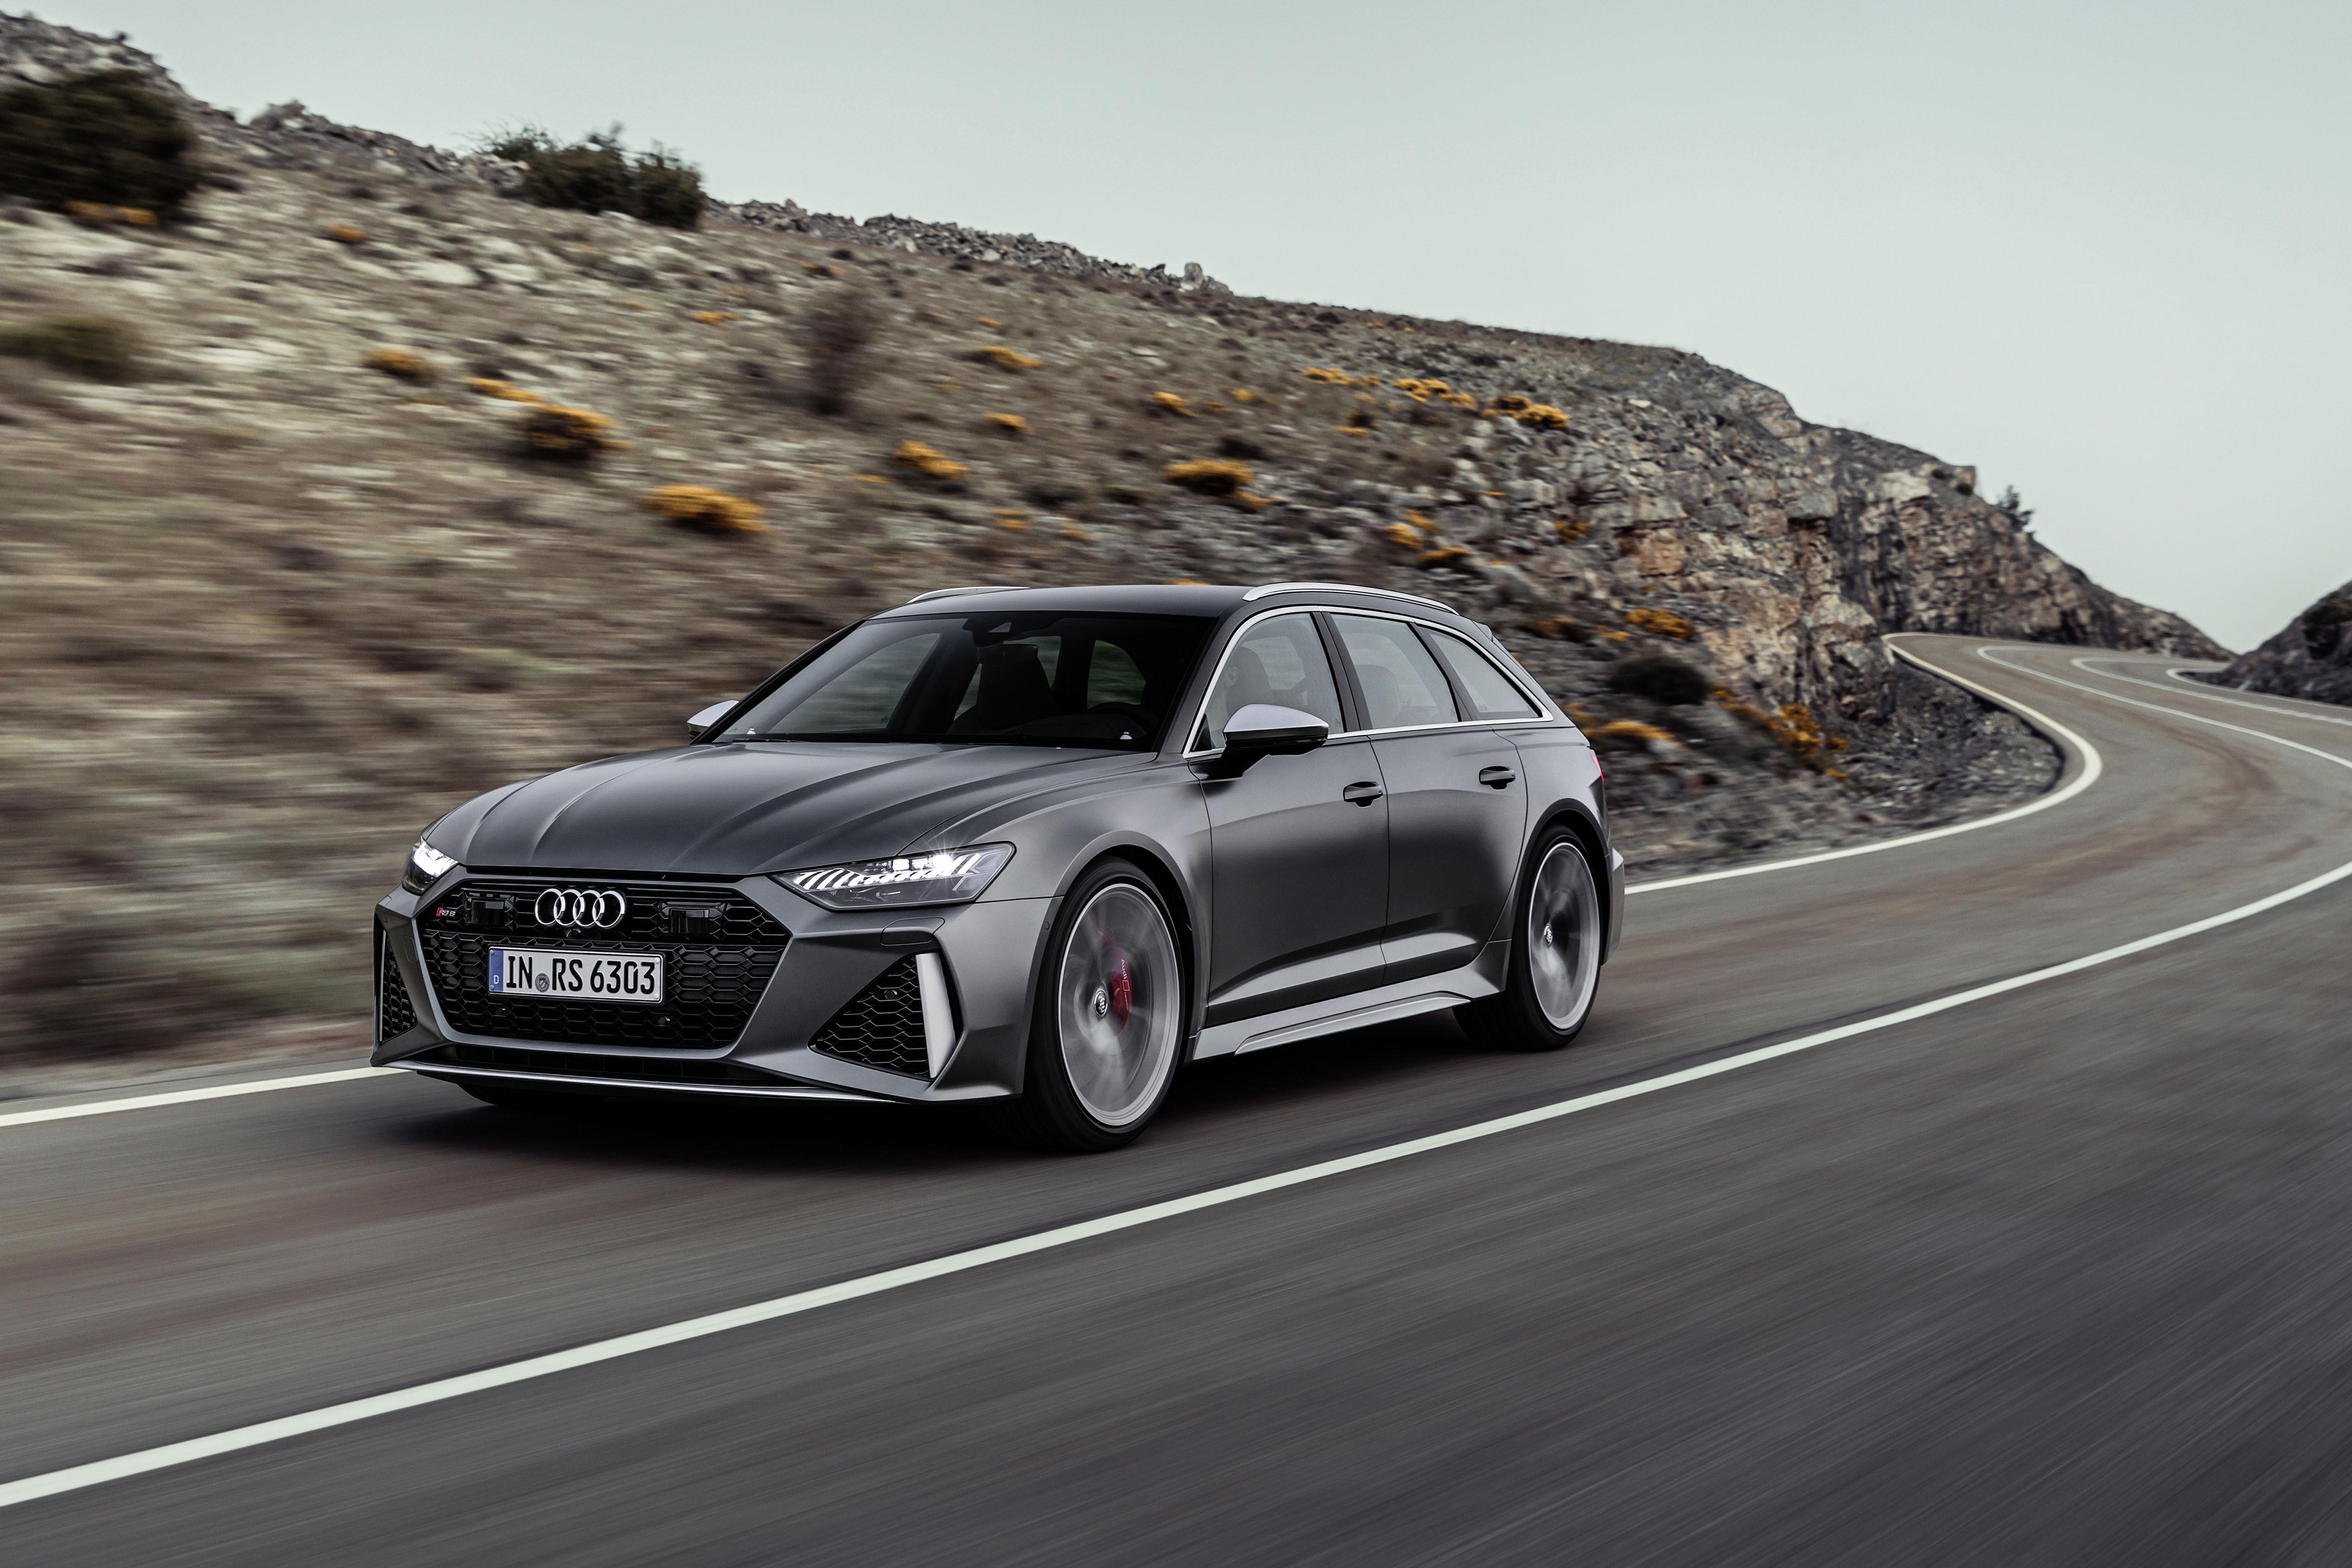 Audi lança a nova RS 6 com 600 cavalos e sistema híbrido leve - Notícias - Plantão Diário